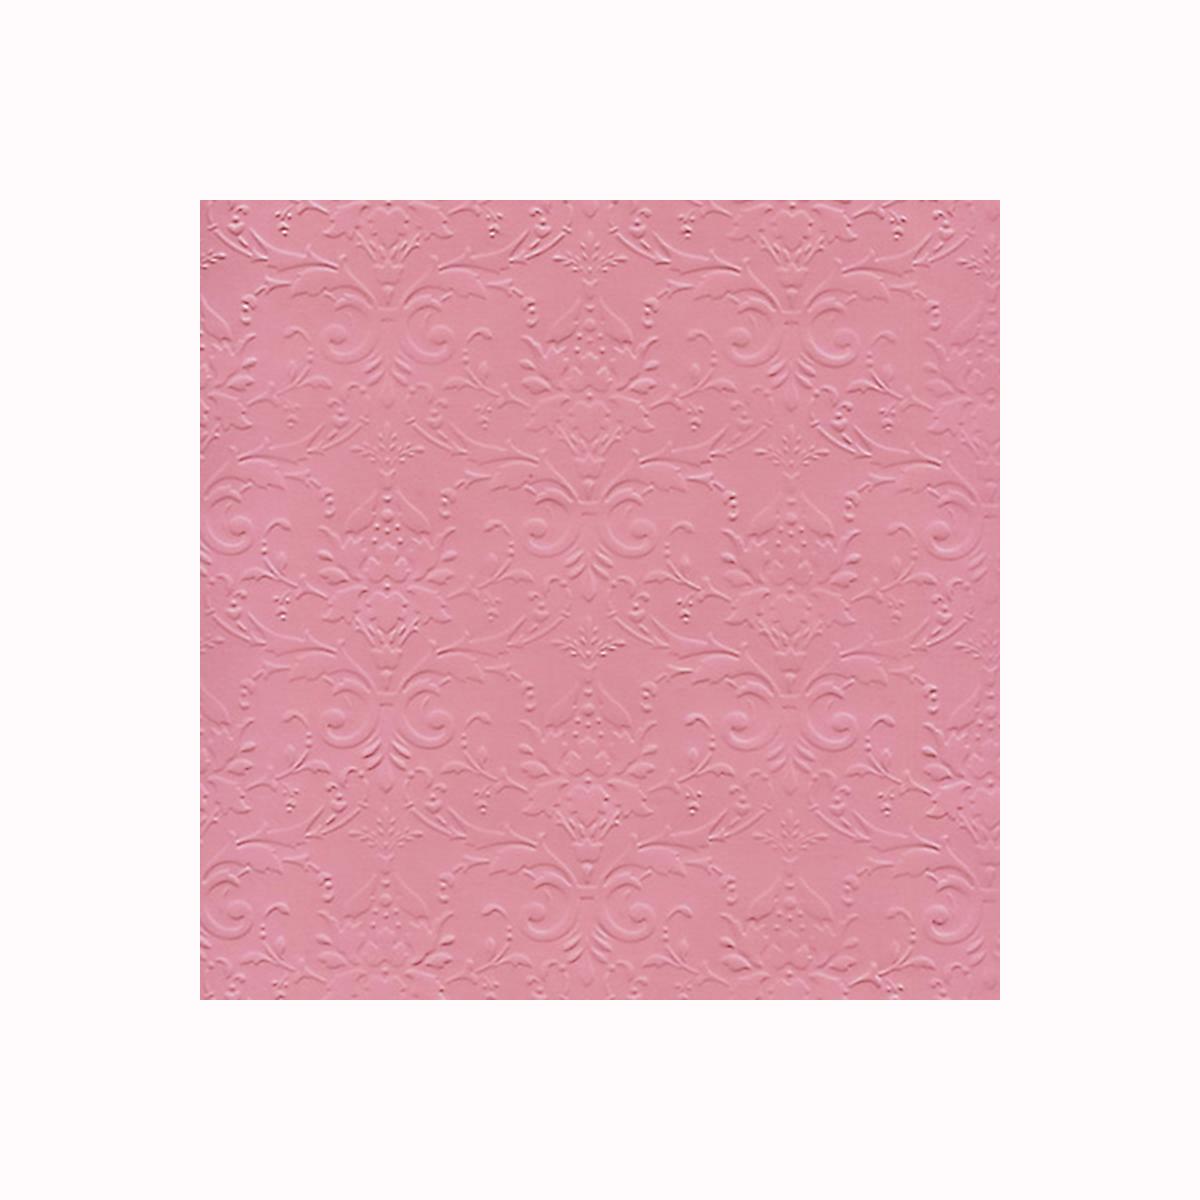 Бумага фактурная Лоза Дамасский узор, цвет: розовый, 3 листа582975_БР003-3 розовыйФактурная бумага для скрапбукинга Лоза Дамасский узор позволит создать красивый альбом, фоторамку или открытку ручной работы, оформить подарок или аппликацию. Набор включает в себя 3 листа из плотной бумаги. Скрапбукинг - это хобби, которое способно приносить массу приятных эмоций не только человеку, который этим занимается, но и его близким, друзьям, родным. Это невероятно увлекательное занятие, которое поможет вам сохранить наиболее памятные и яркие моменты вашей жизни, а также интересно оформить интерьер дома. Плотность бумаги: 200 г/м2.